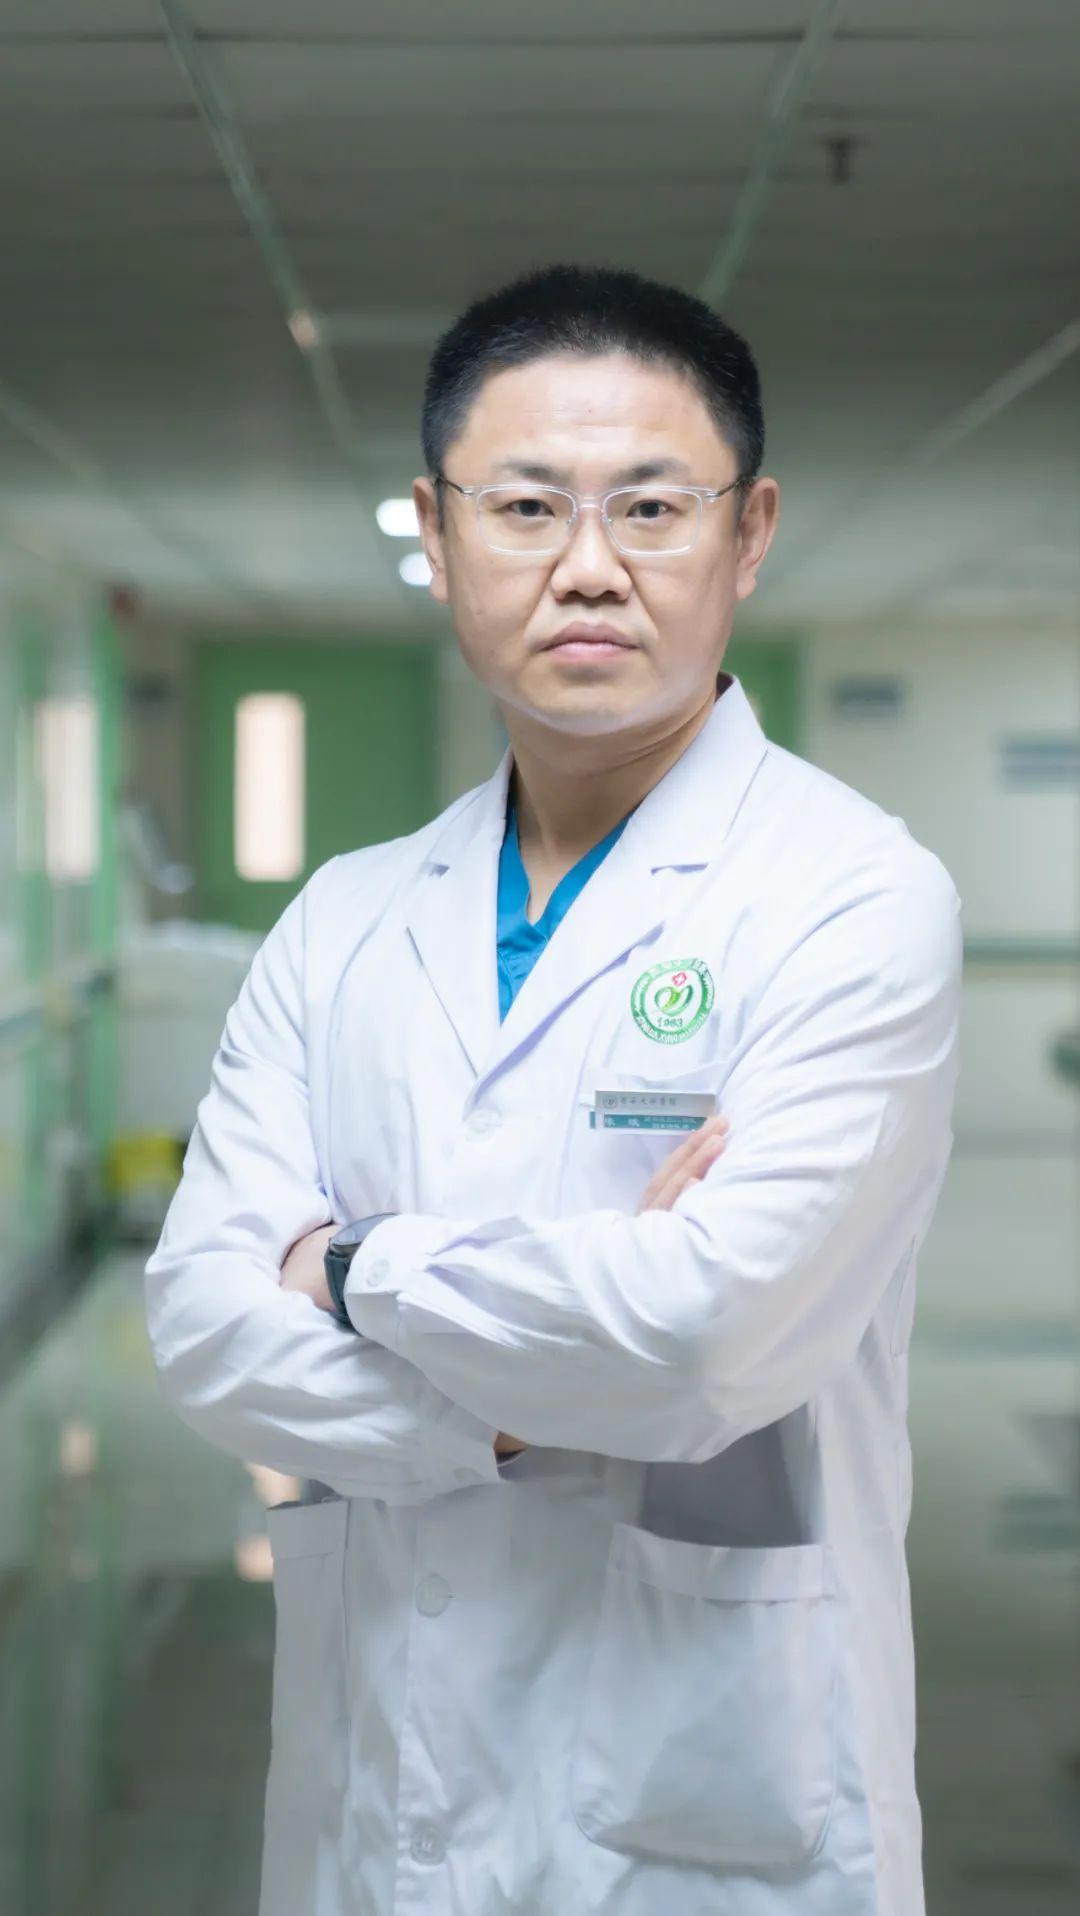 西安大兴医院陈斌:把稳的「拆弹专家」